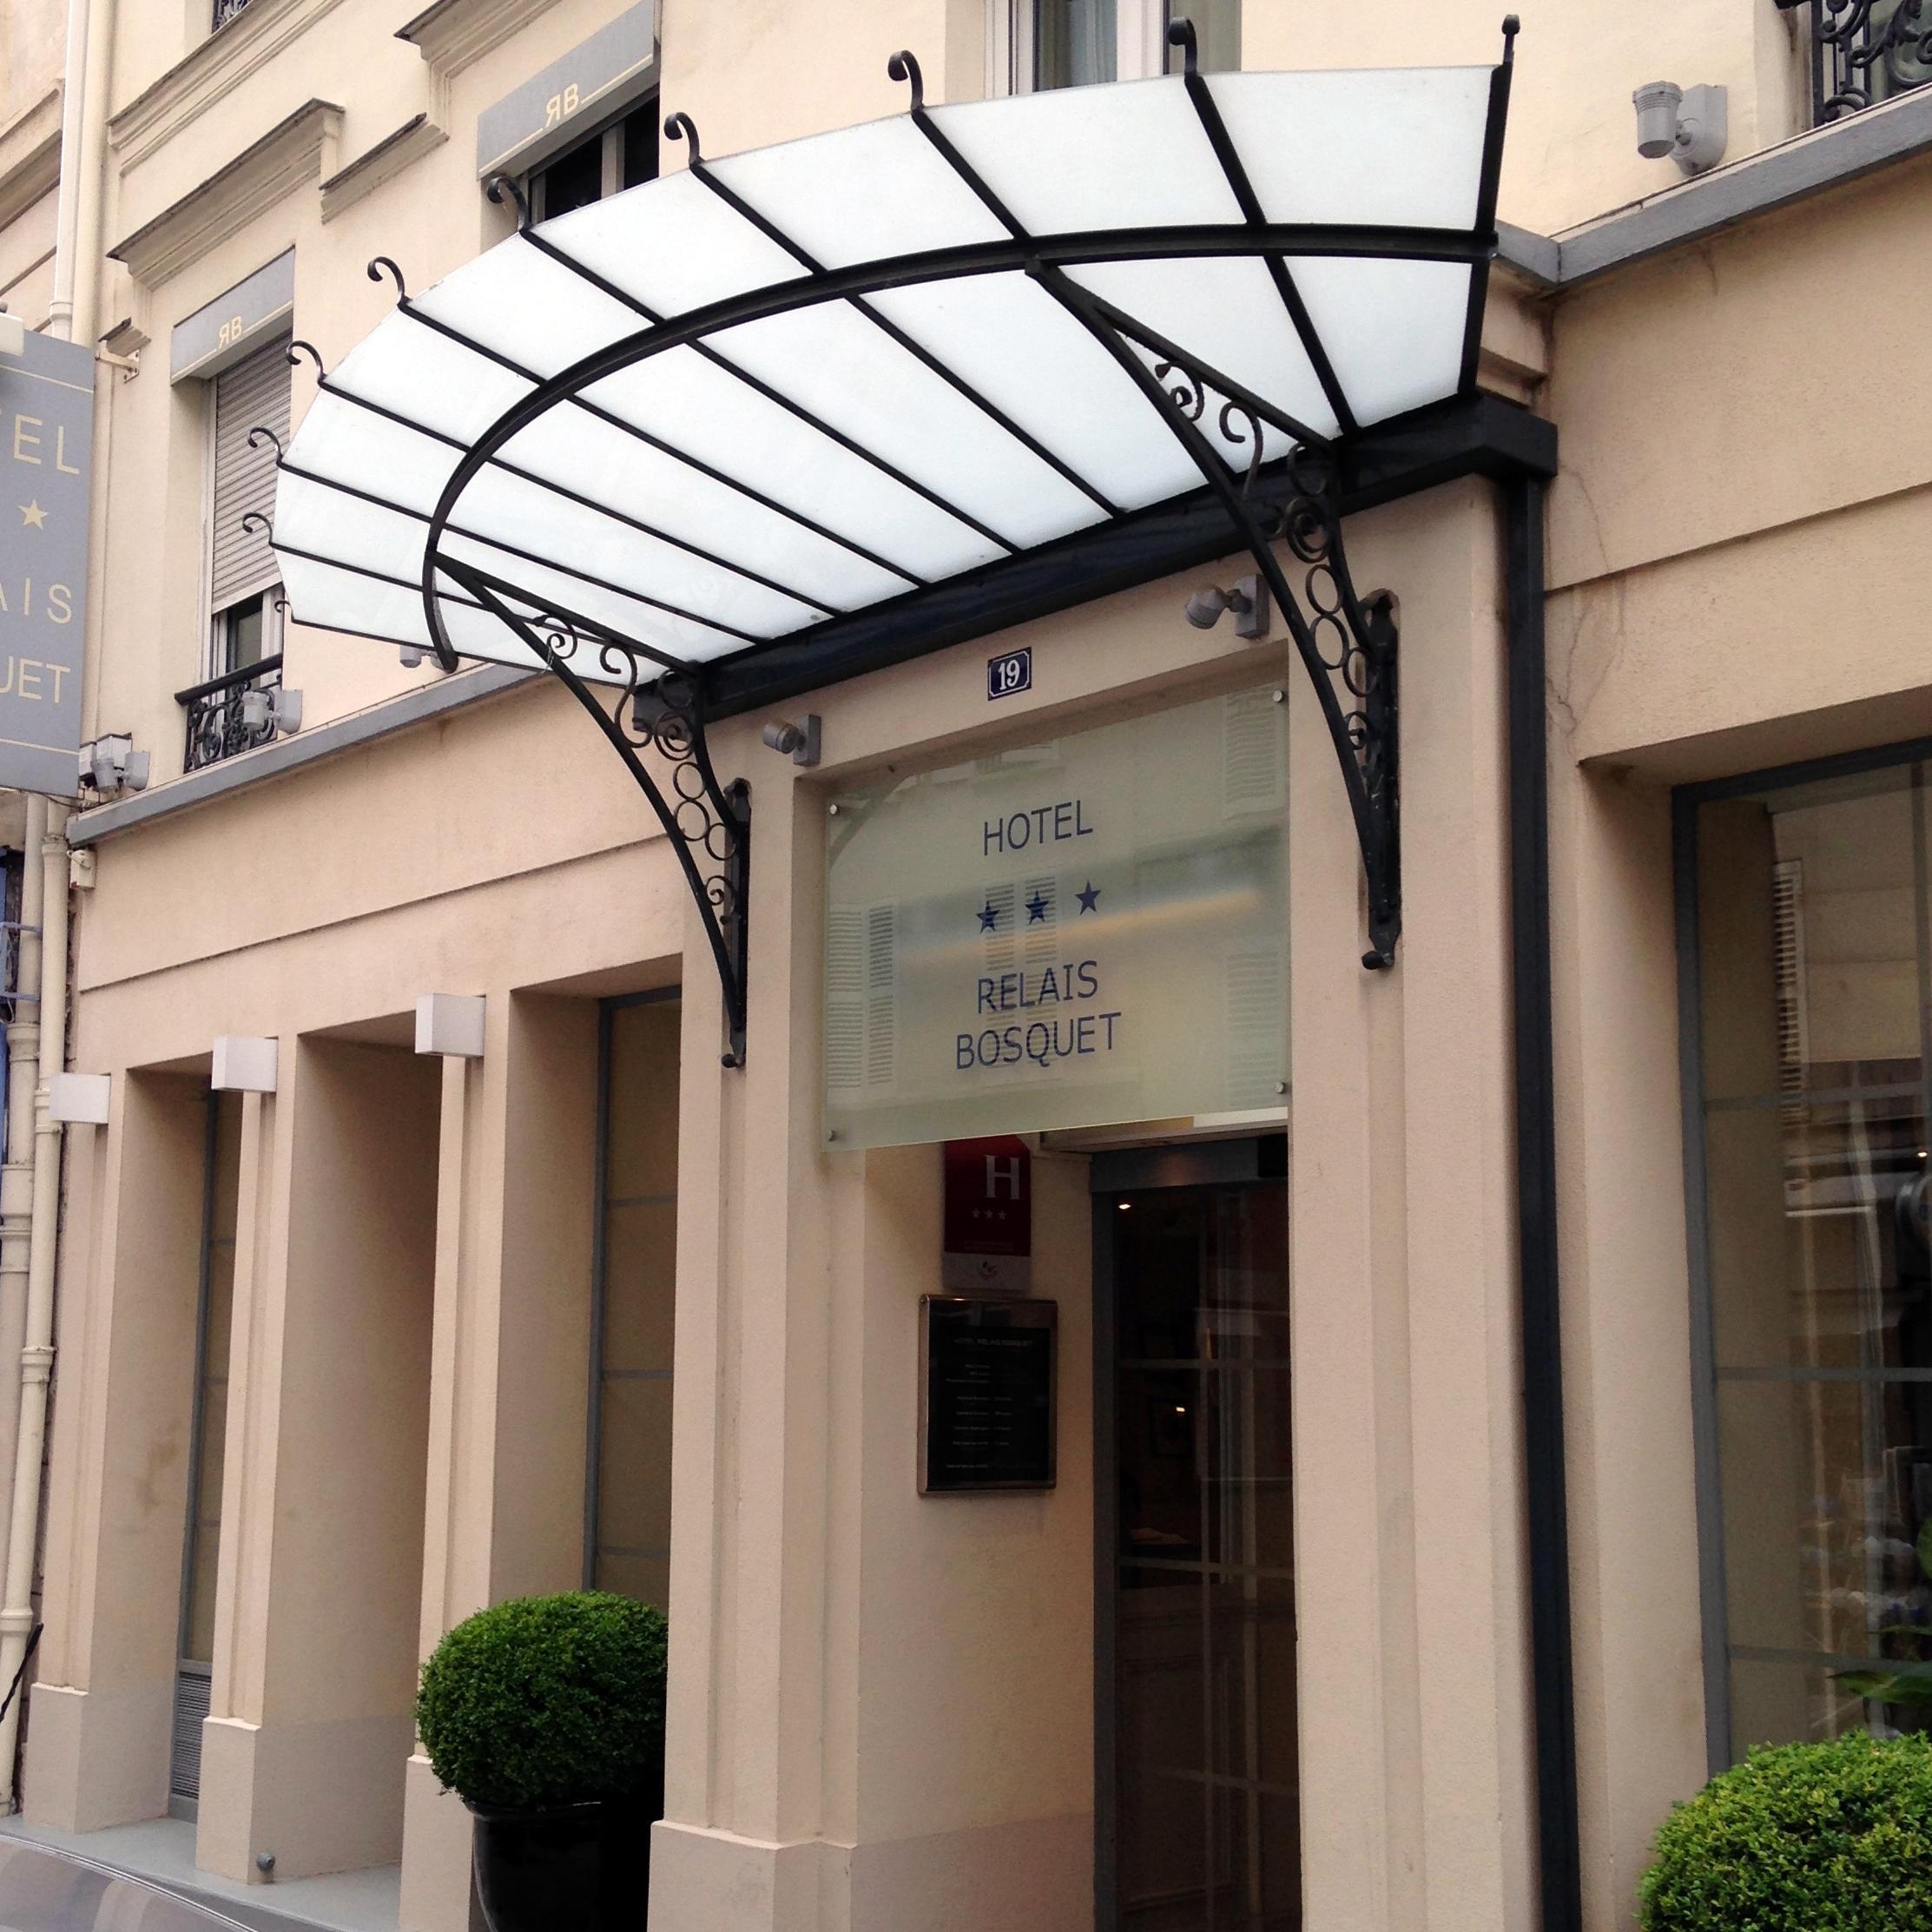 Hotel Relais Bosquet Paris France